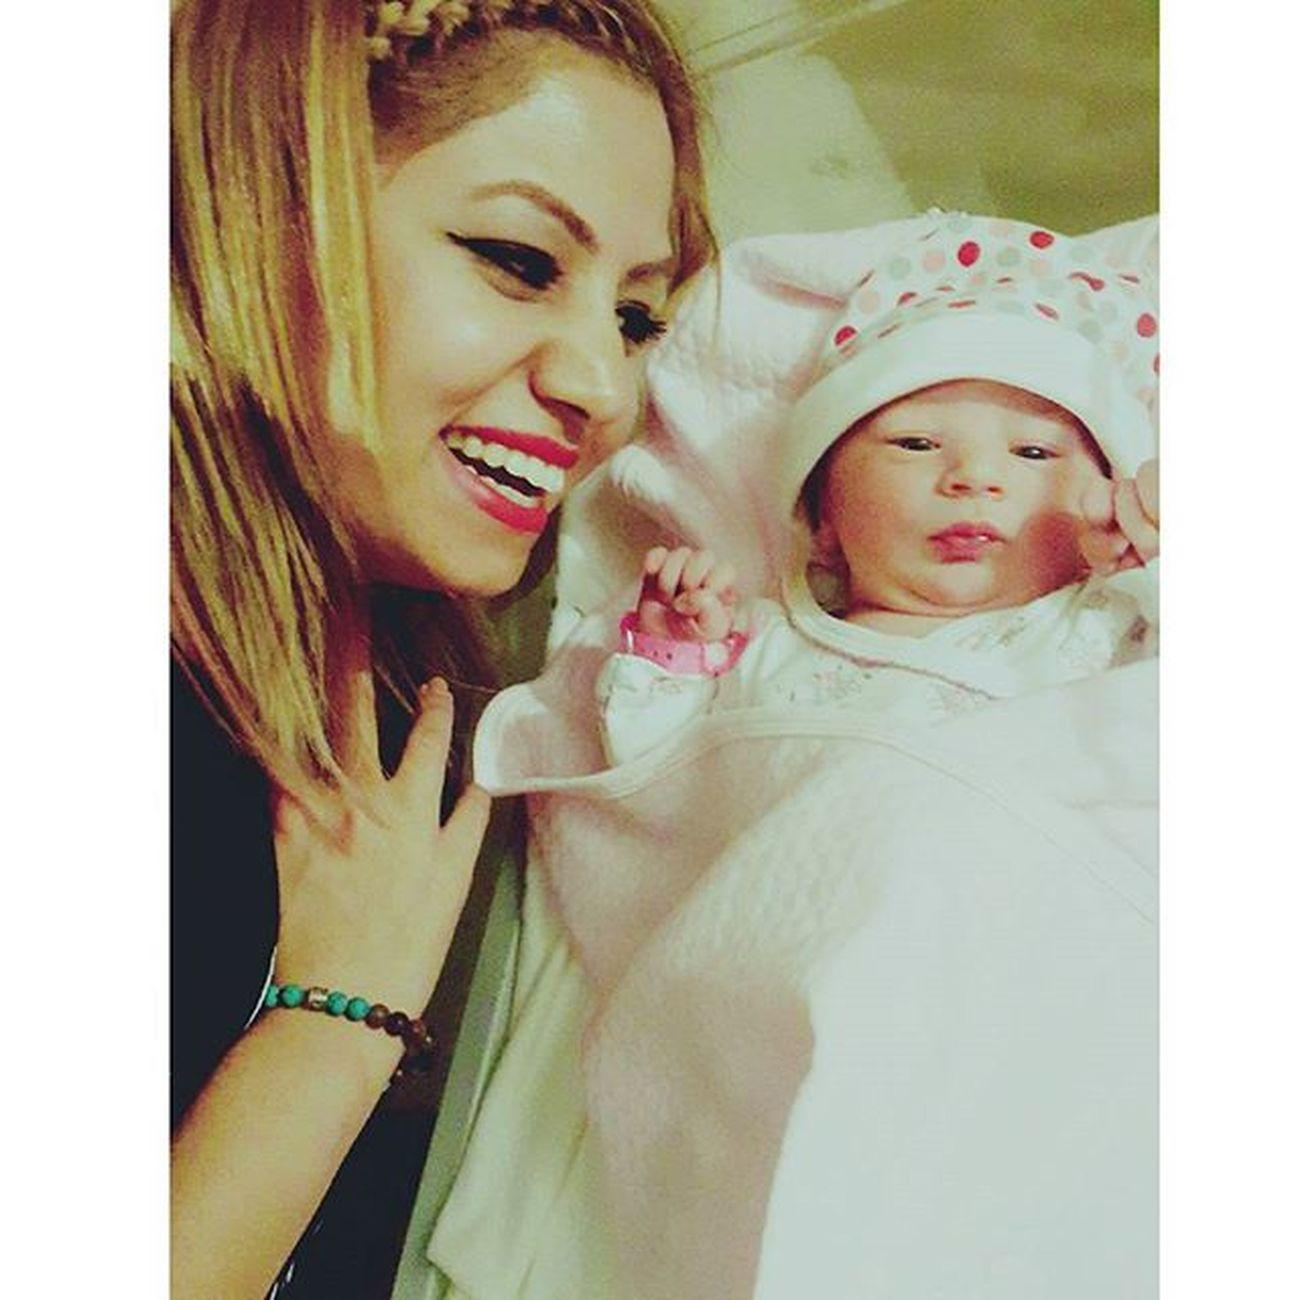 Hoşgeldin güzel bebek aramıza iyi ki geldin ailemizin yeni neşe kaynağı 😘😍👶halasının prensesi 😊💕💕💕💓👍 Baby Babygirl Kids Kuzum love ask mutluluk bebek masallah